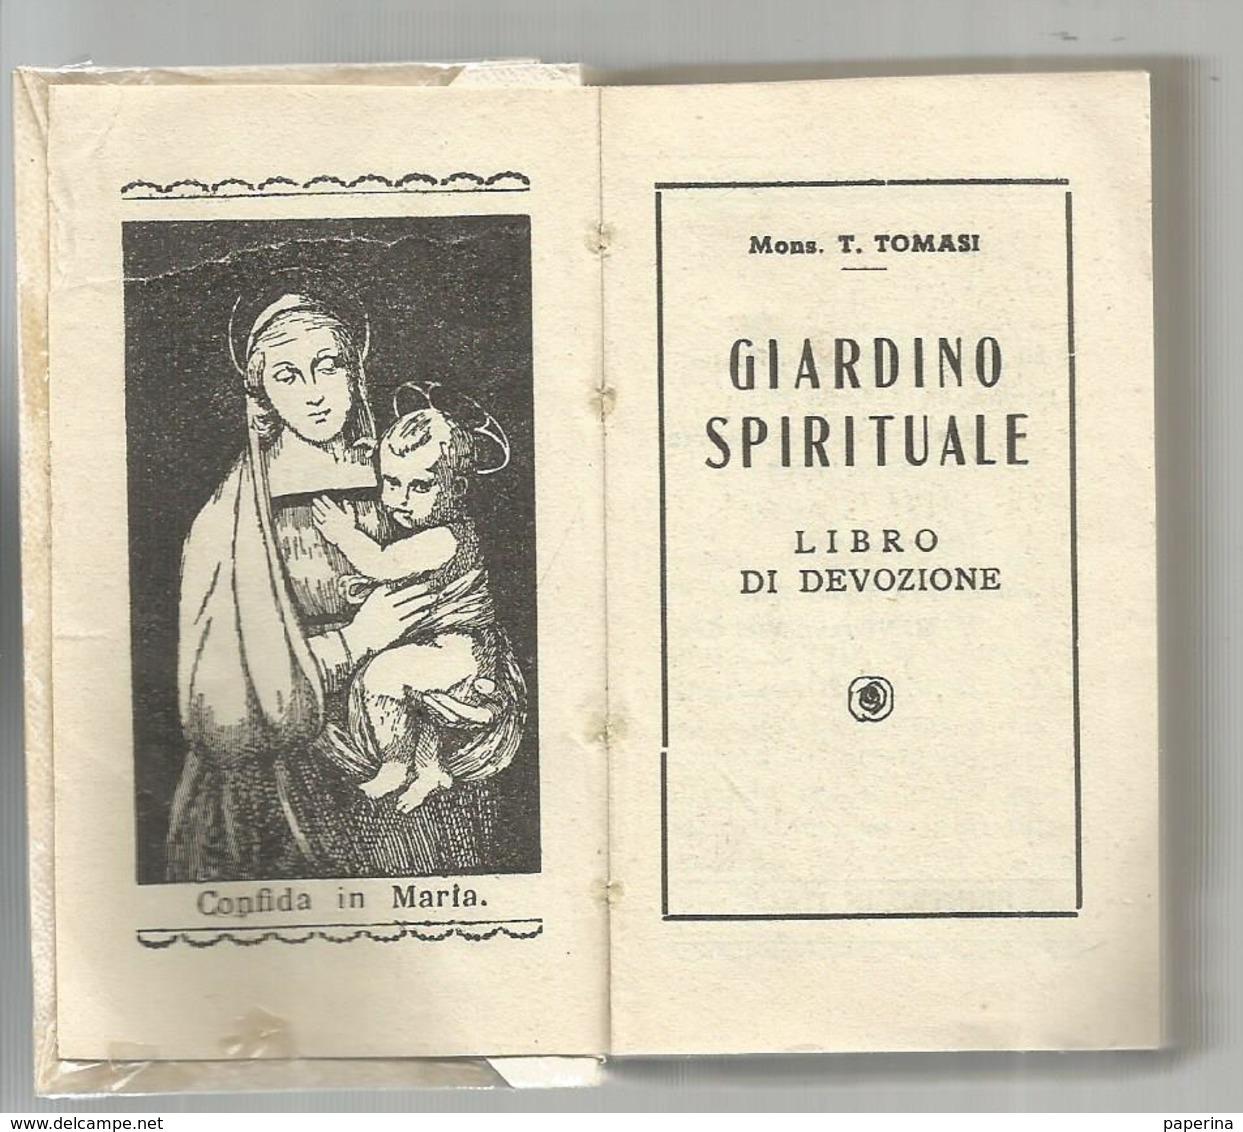 MONS. T. TOMASI - GIARDINO SPIRITUALE LIBRO DI DEVOZIONE (672) - Religione & Esoterismo